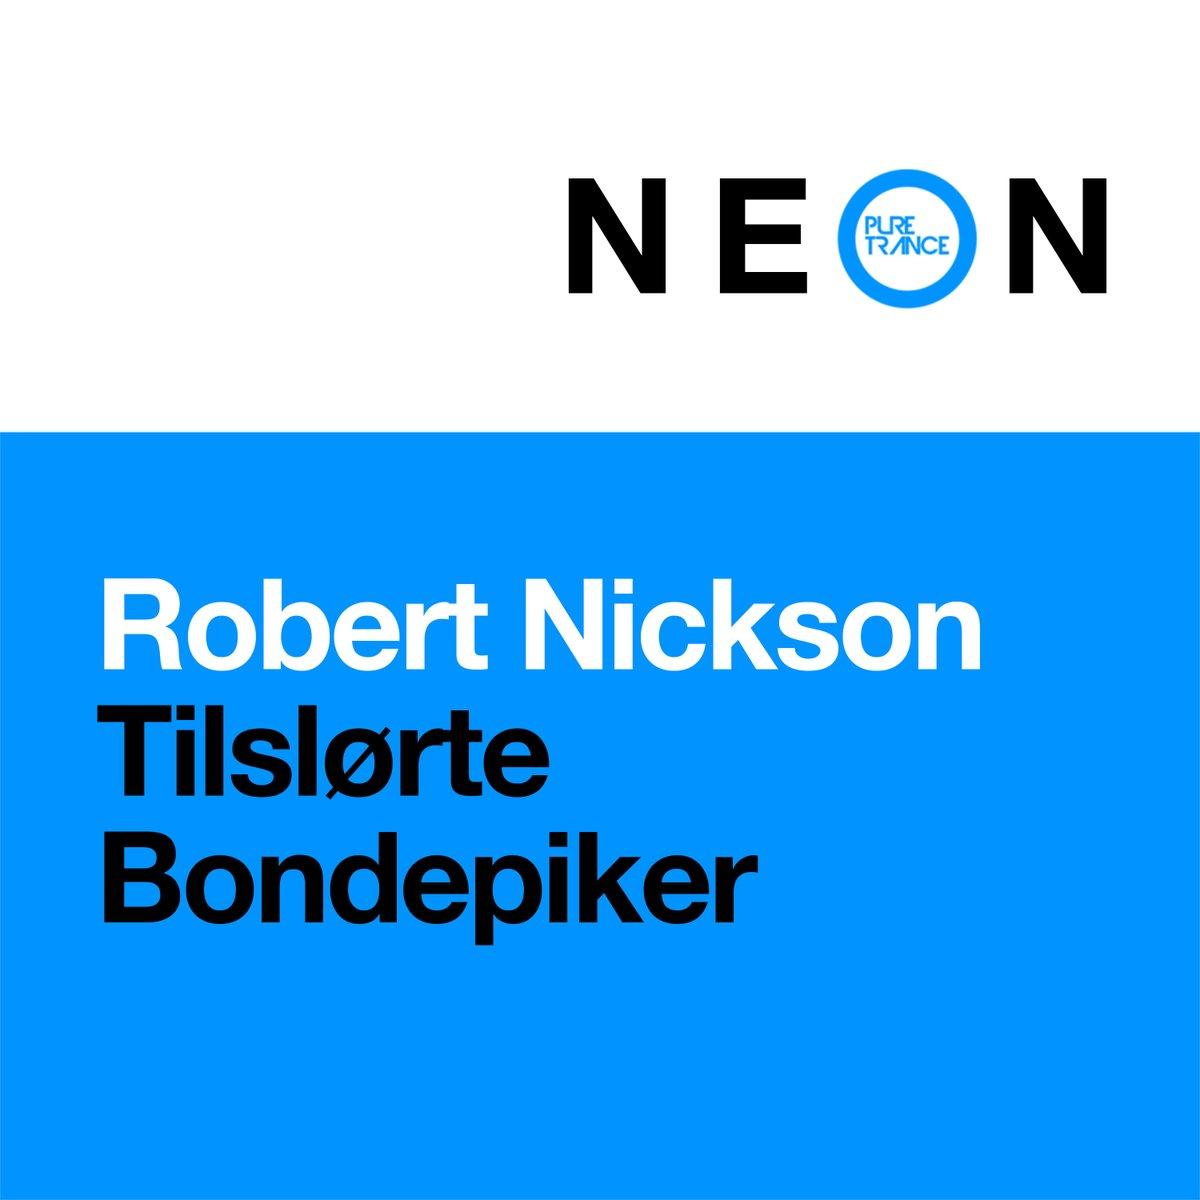 08. Robert Nickson - Tilslørte Bondepiker [Pure Trance Neon] #WeLikeItPure #PTR253  Out Now: https://t.co/uJ8AmocKdG https://t.co/kflpgJoIXr